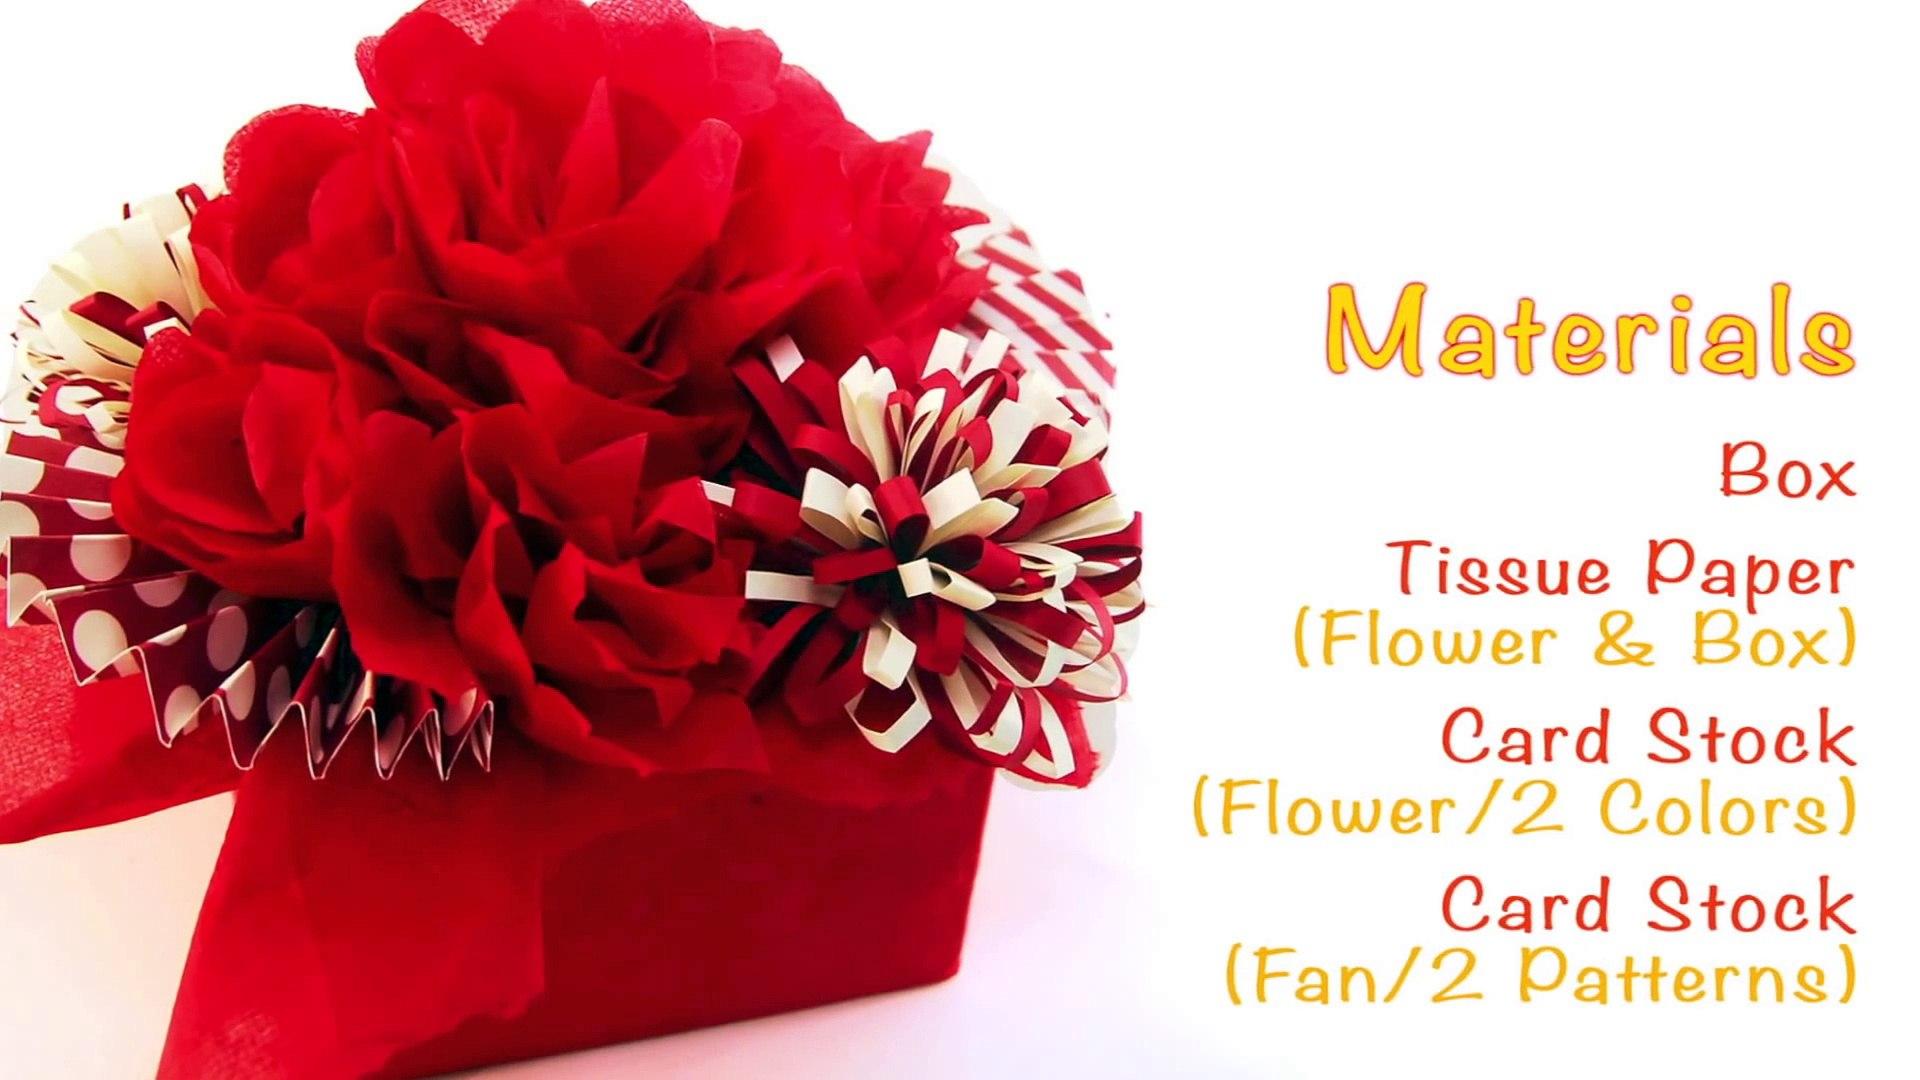 How To Make a Flower Vase at Home ¦ Making Paper Flower Vase ¦ DIY ... | 1080x1920